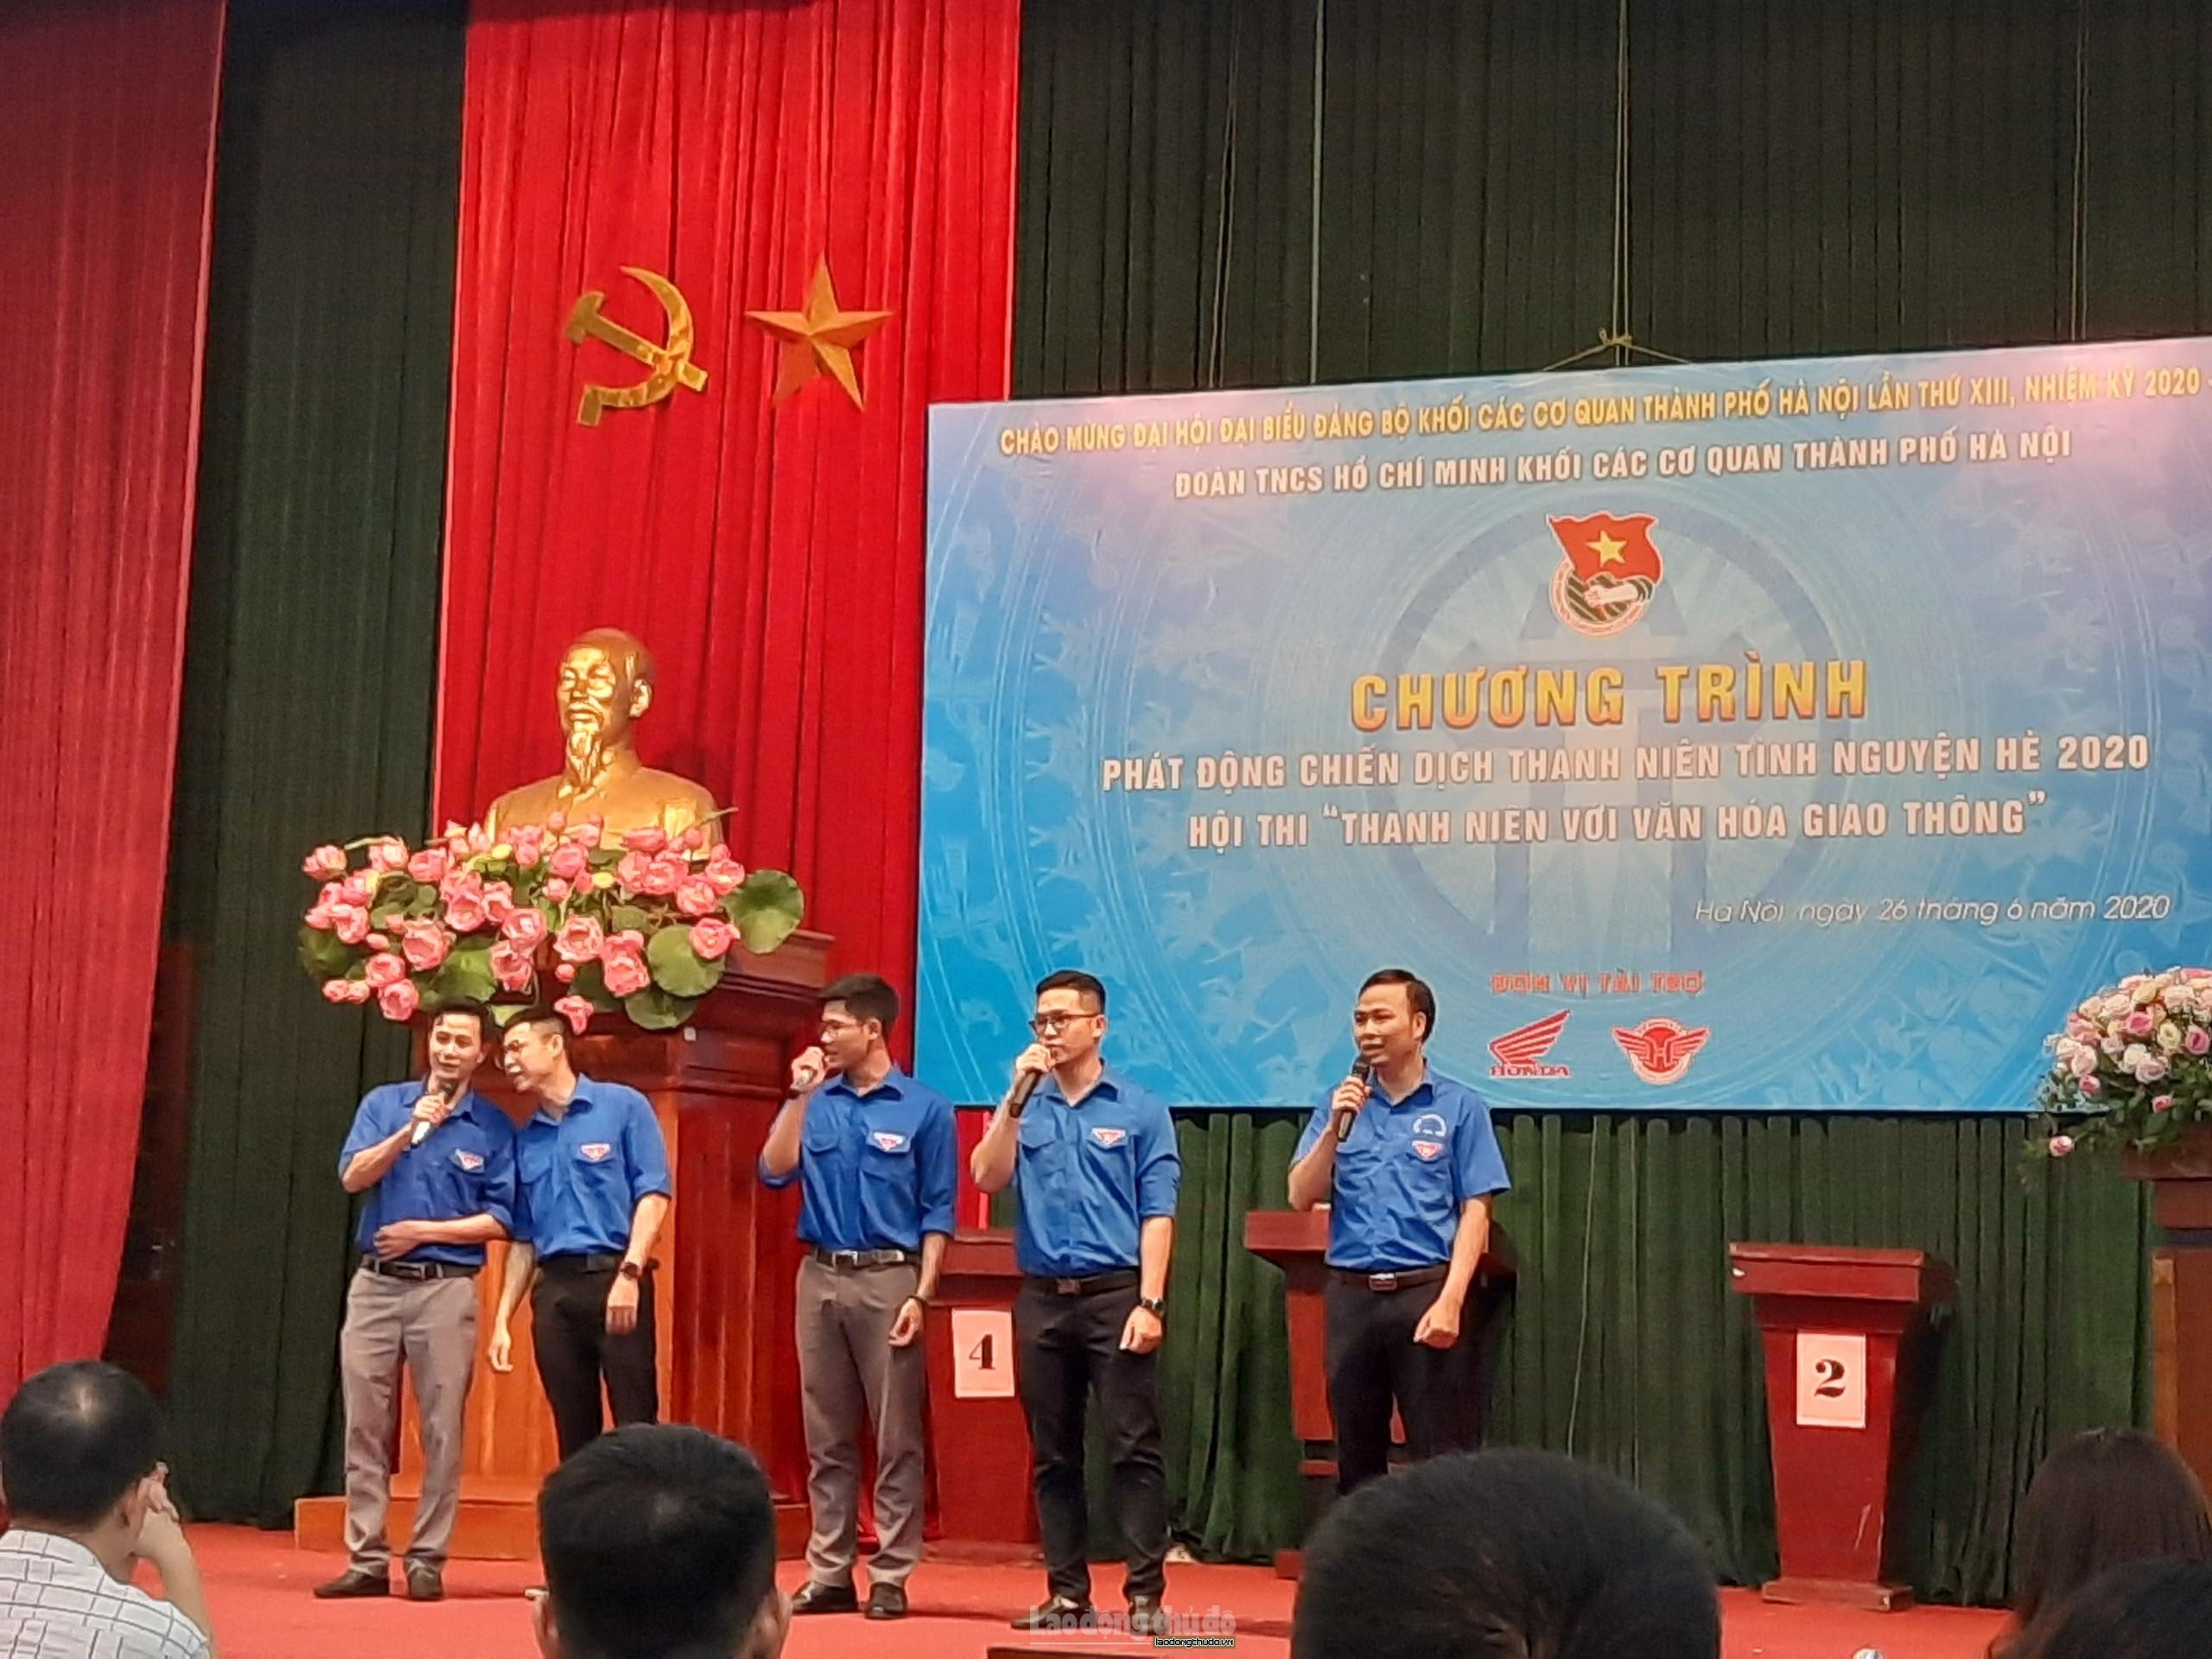 Đoàn Khối các cơ quan thành phố Hà Nội khởi động chiến dịch tình nguyện hè 2020